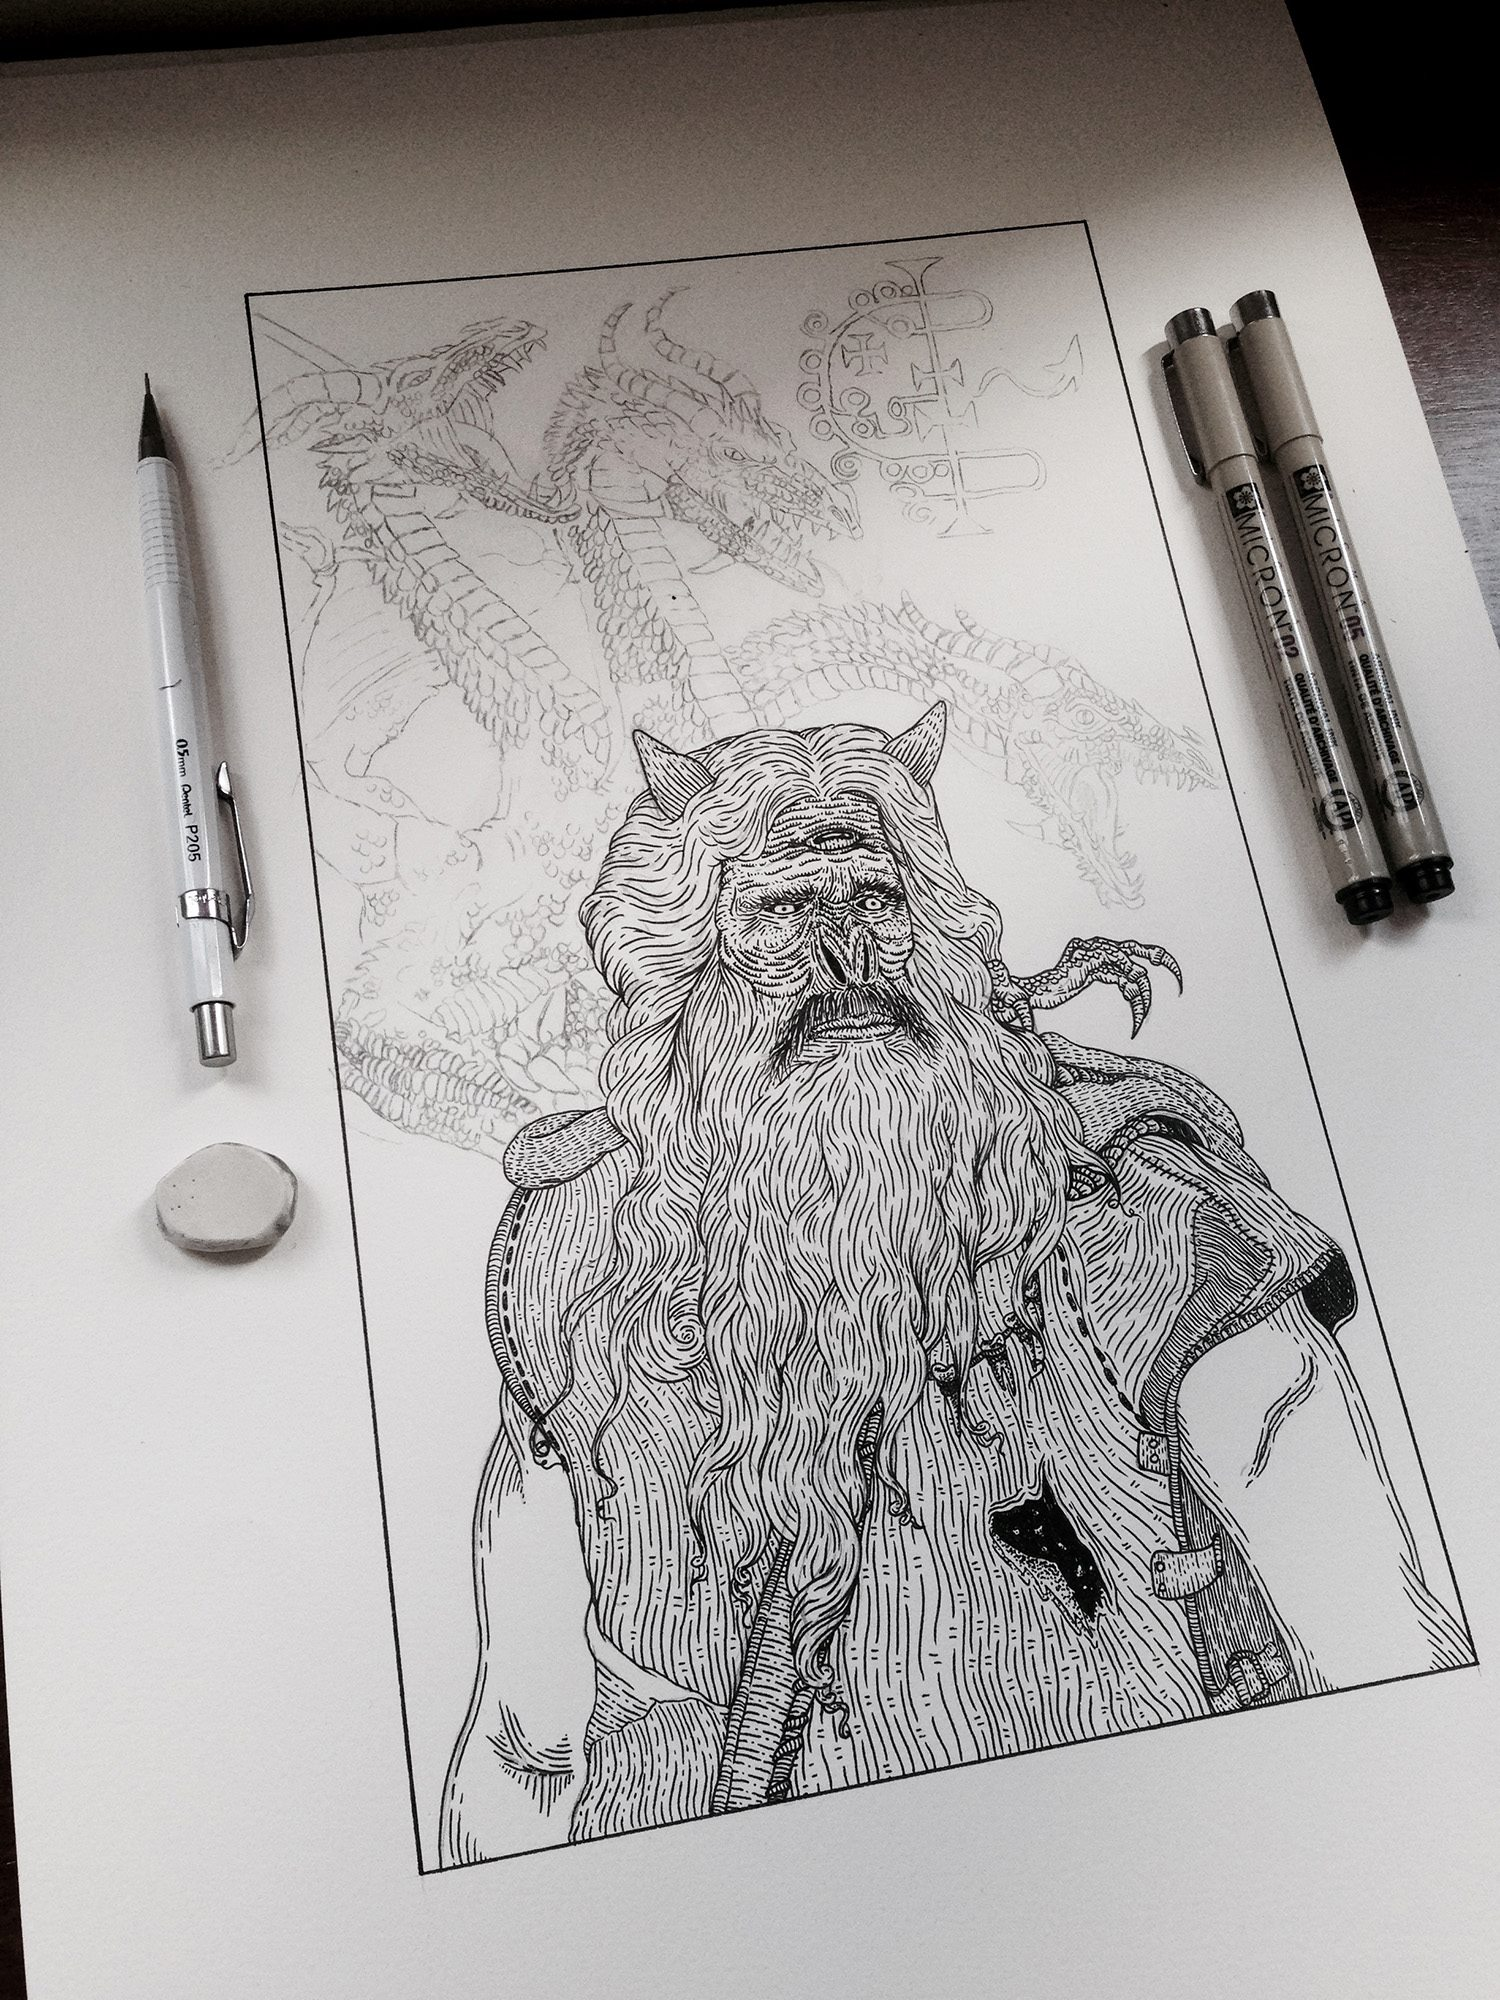 felipe-vaz-malditas-ilustração-dionisio-arte-23